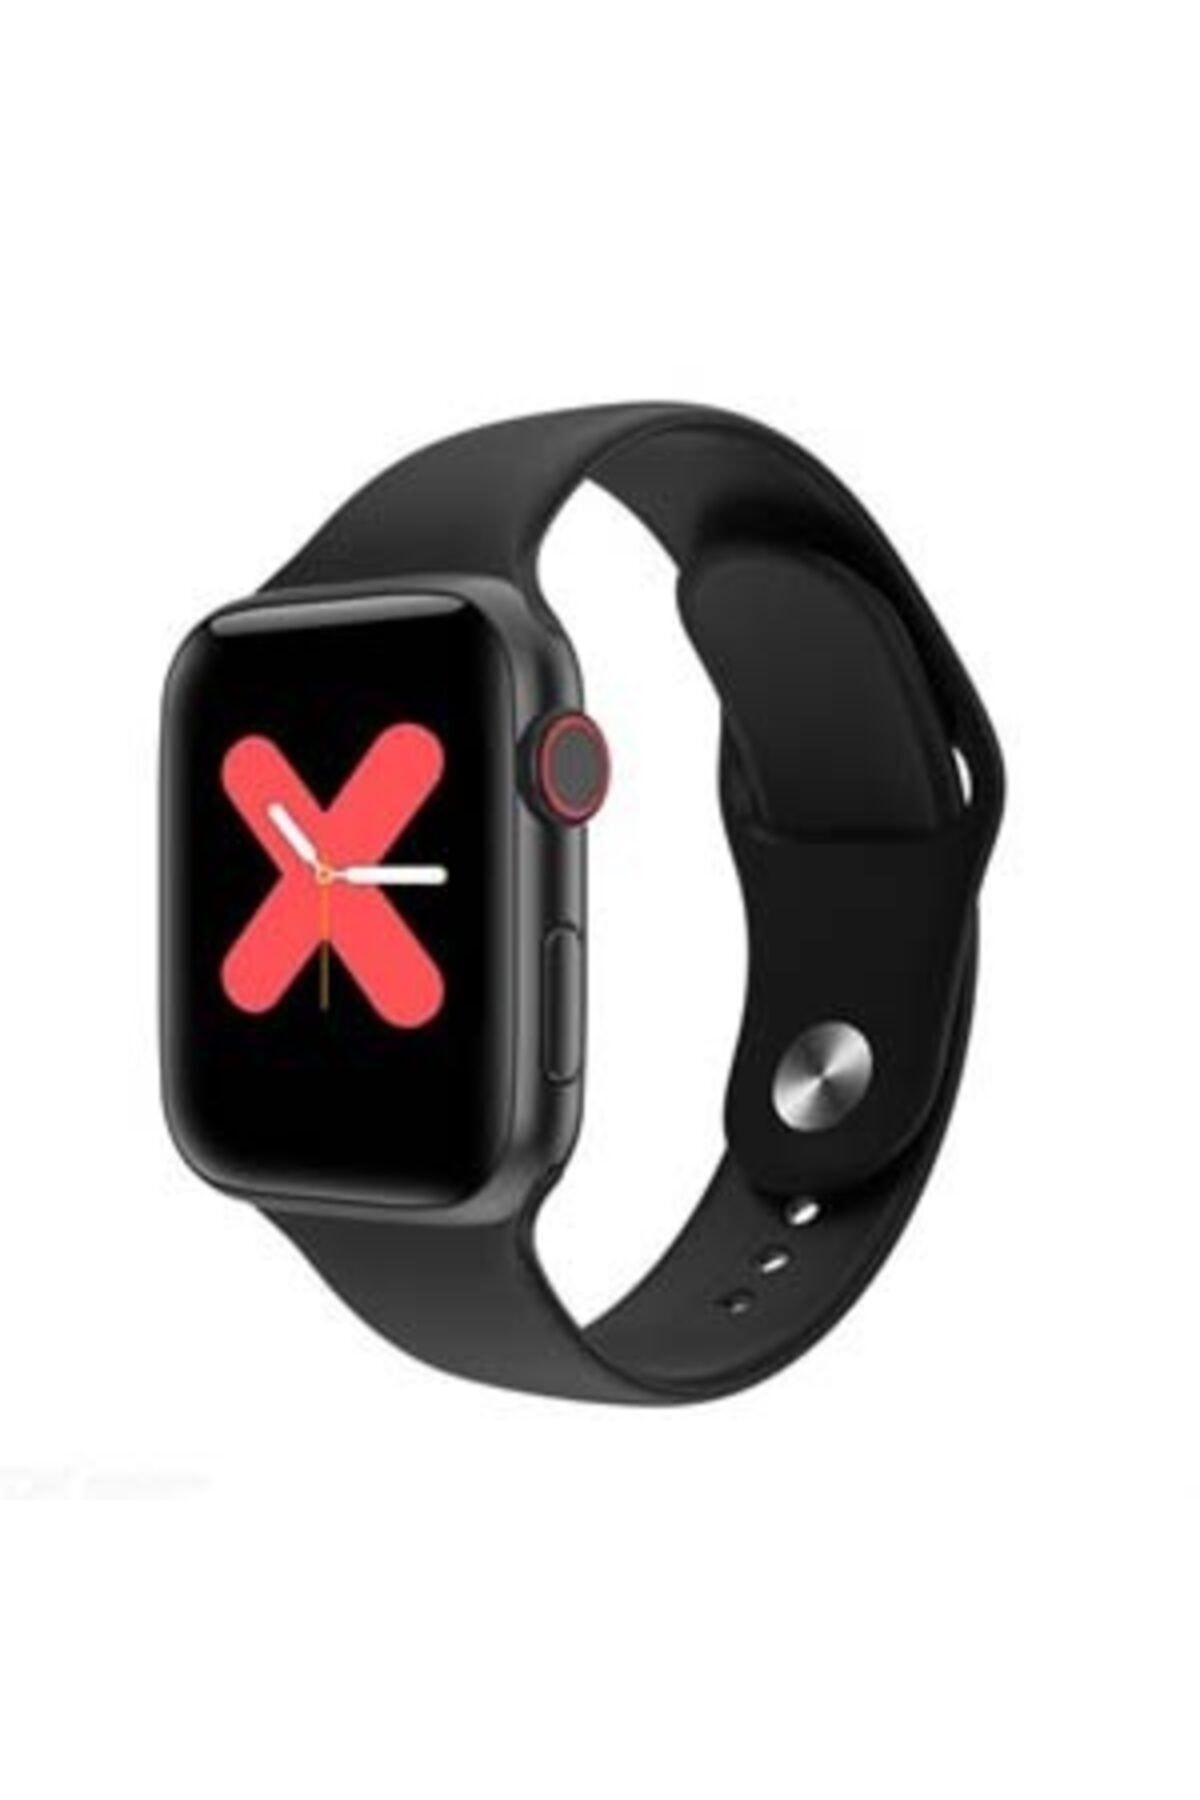 OWWOTECH T500 Akıllı Saat Smart Watch Türkçe Menülü Arama Cevaplama Modu  Yeni Sürüm 2020 Sporcu Saati 2